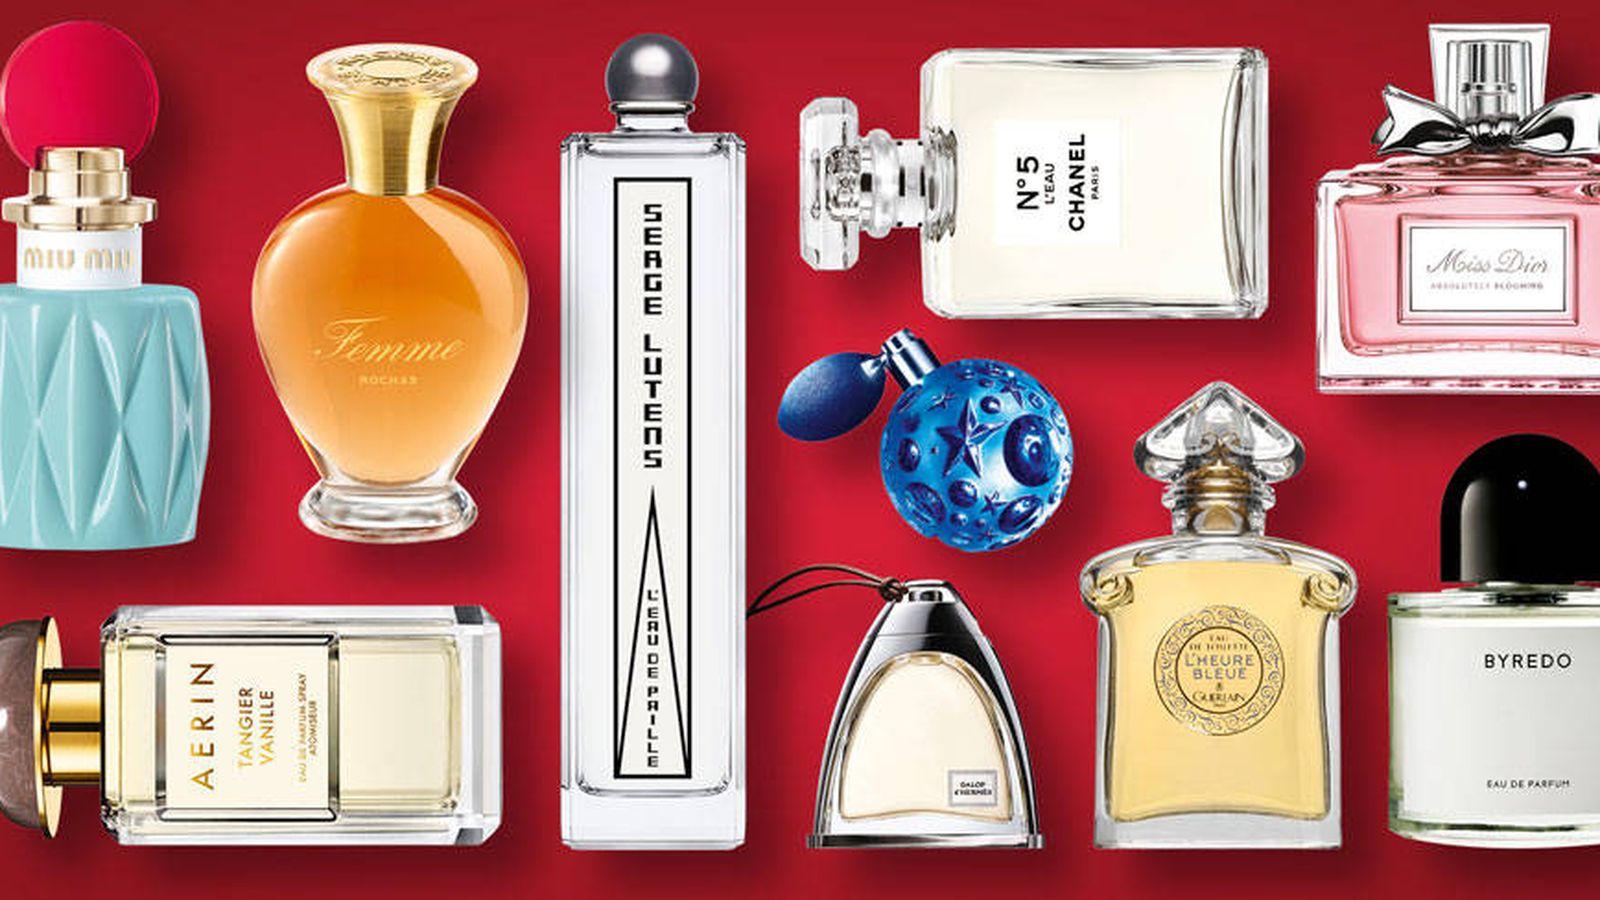 Regalos de navidad perfumes femeninos 10 novedades con las que quedar s como un rey noticias - Perfumes en casa ...